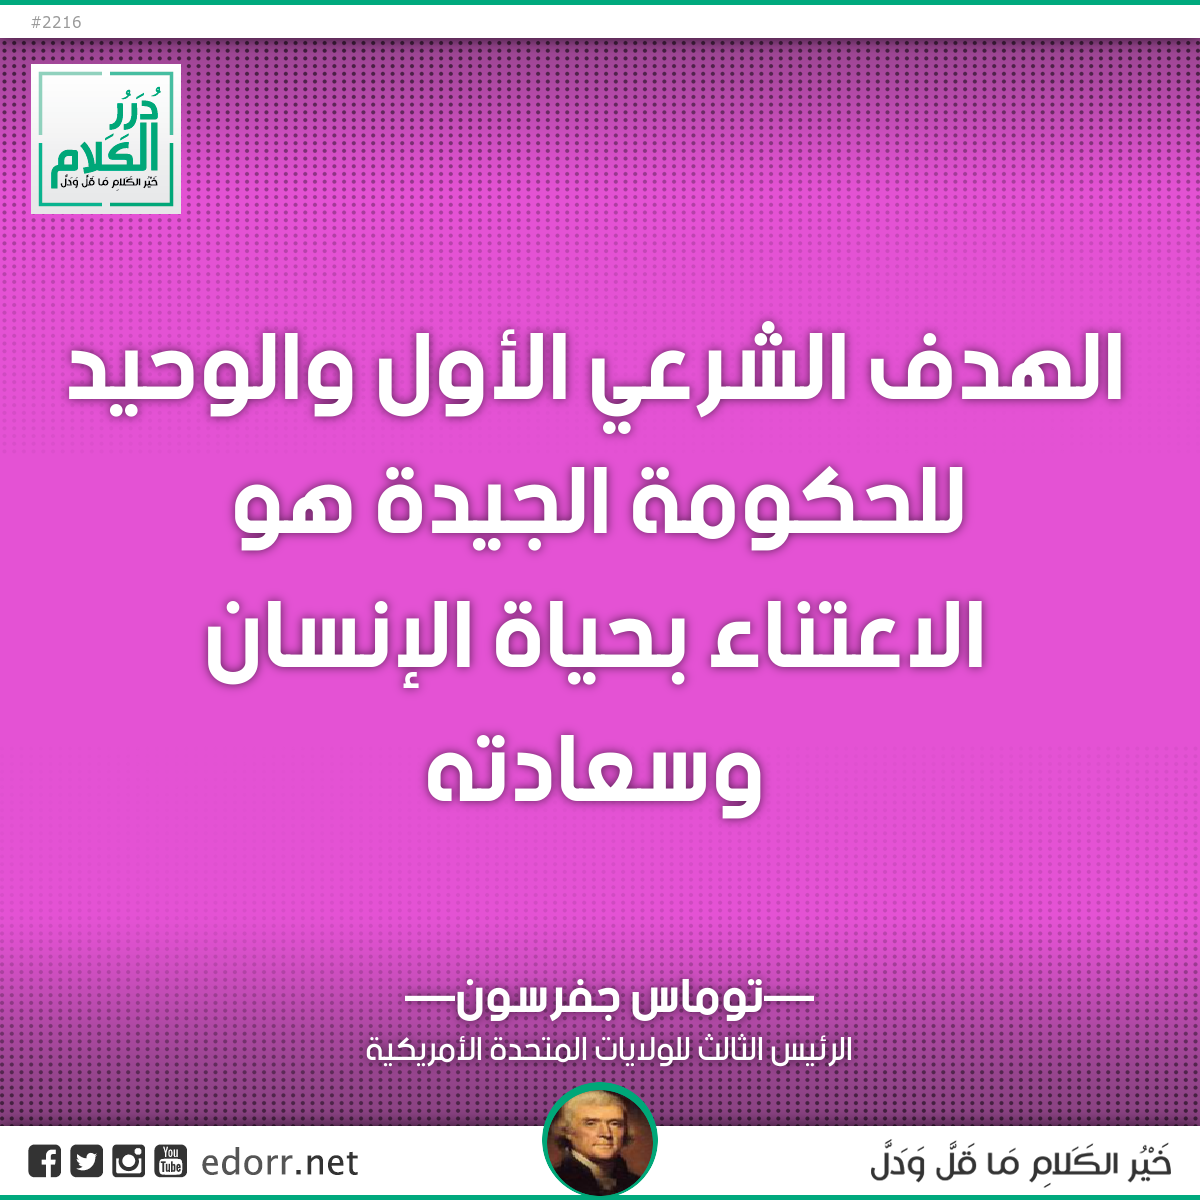 الهدف الشرعي الأول والوحيد للحكومة الجيدة هو الاعتناء بحياة الإنسان وسعادته.